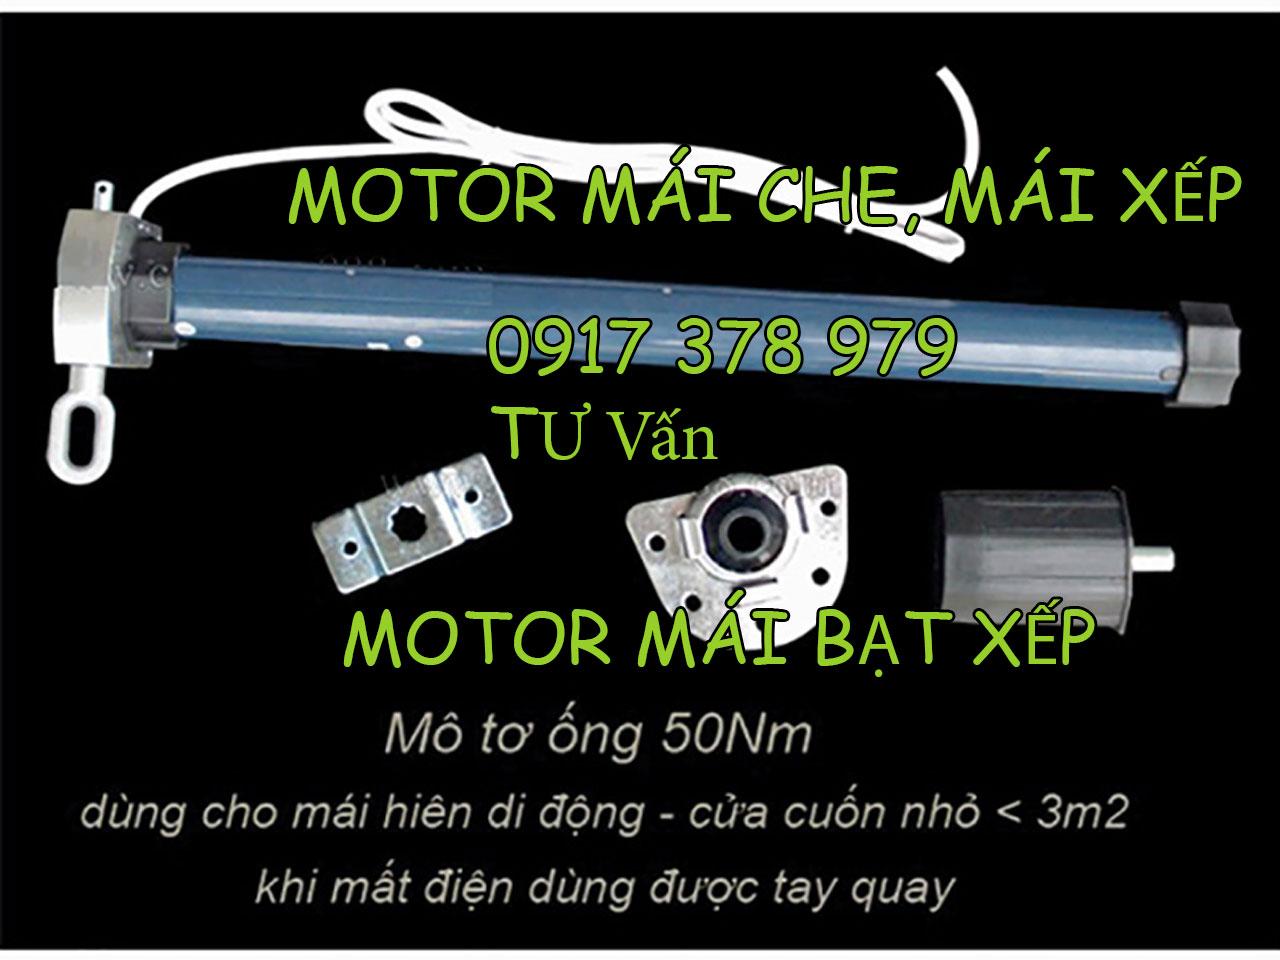 Giới thiệu chung về motor kéo bạt di động công ty Hòa Phát Đạt